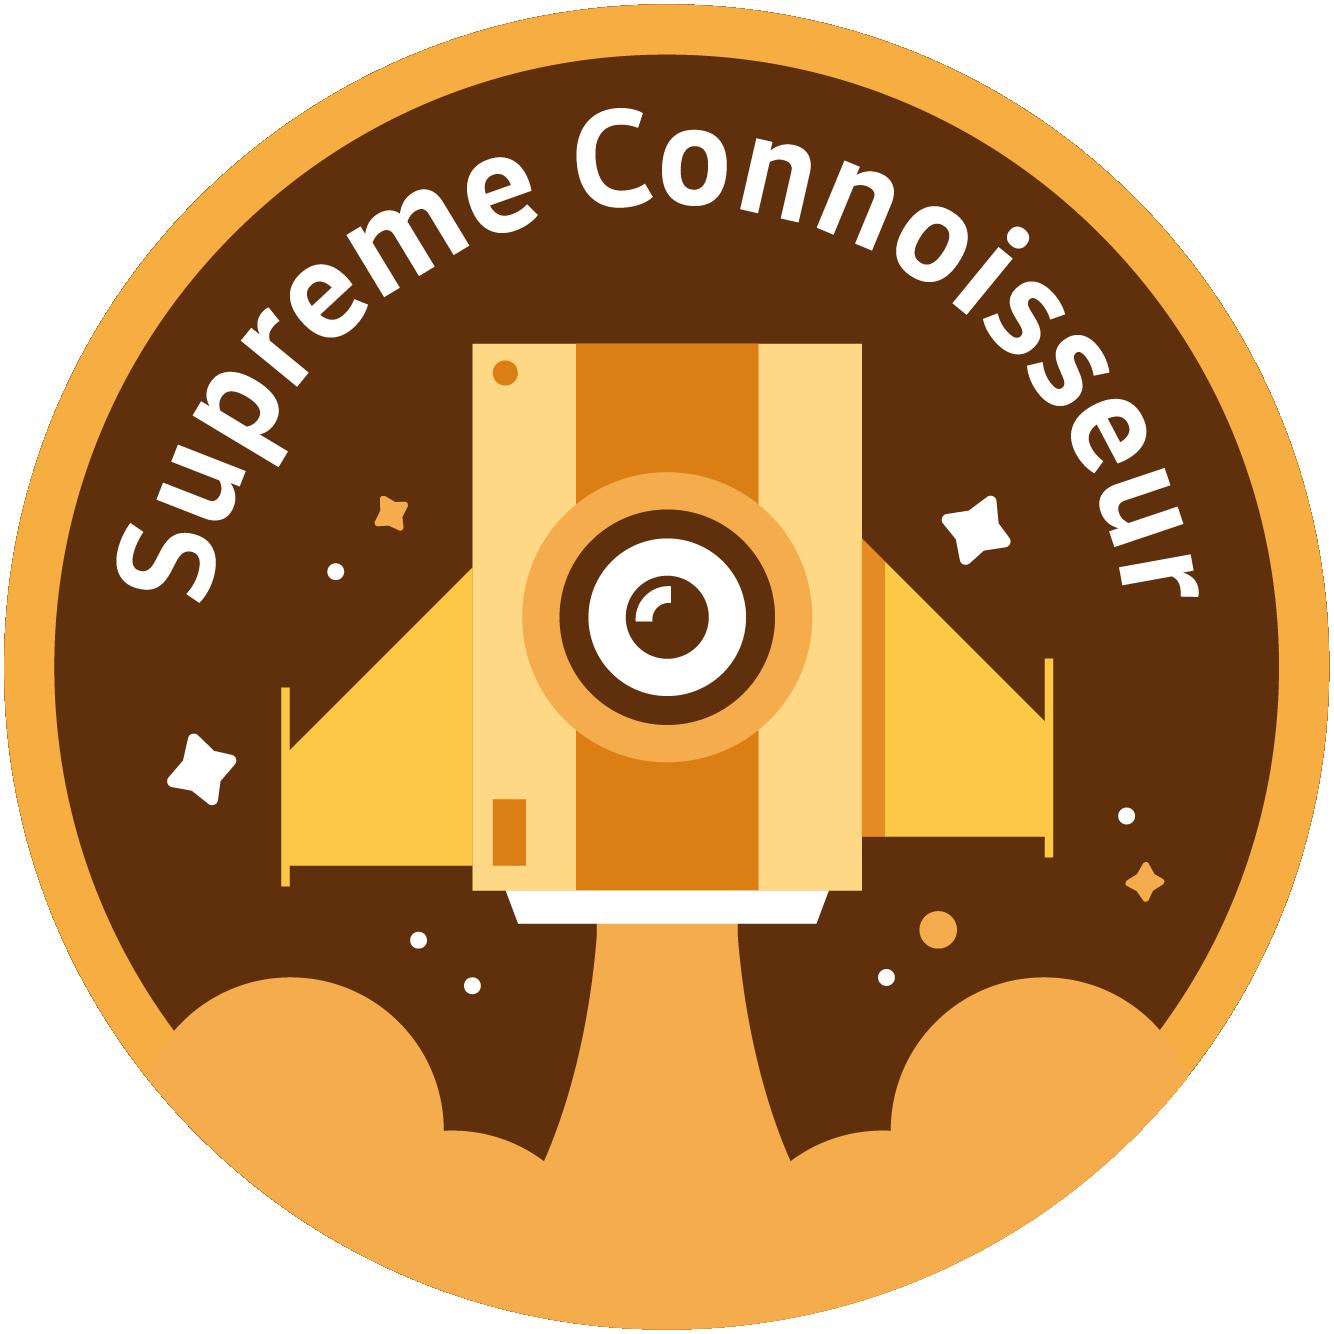 Supreme Connoisseur